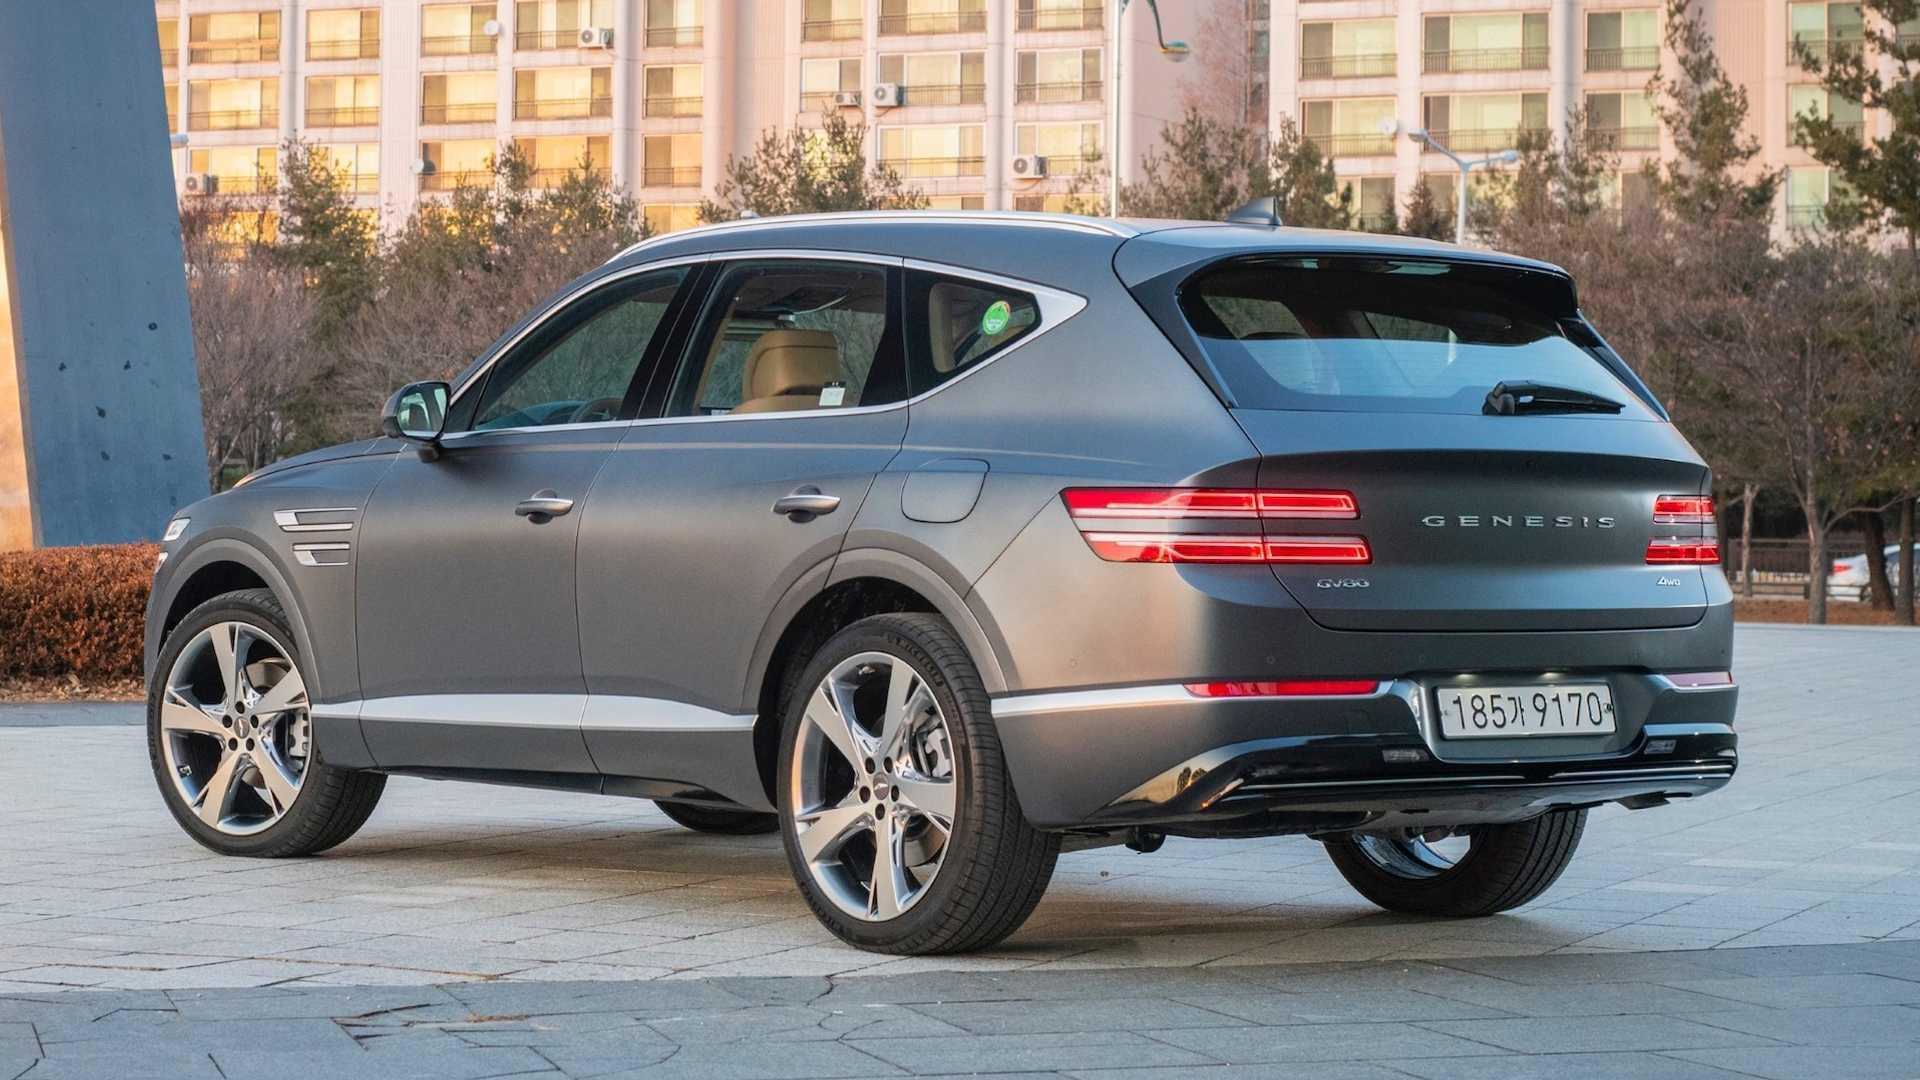 Chọn xe hơi ưu tiên trang bị công nghệ, khách hàng không cần bận tâm cứ mua 2 theo thương hiệu này 1